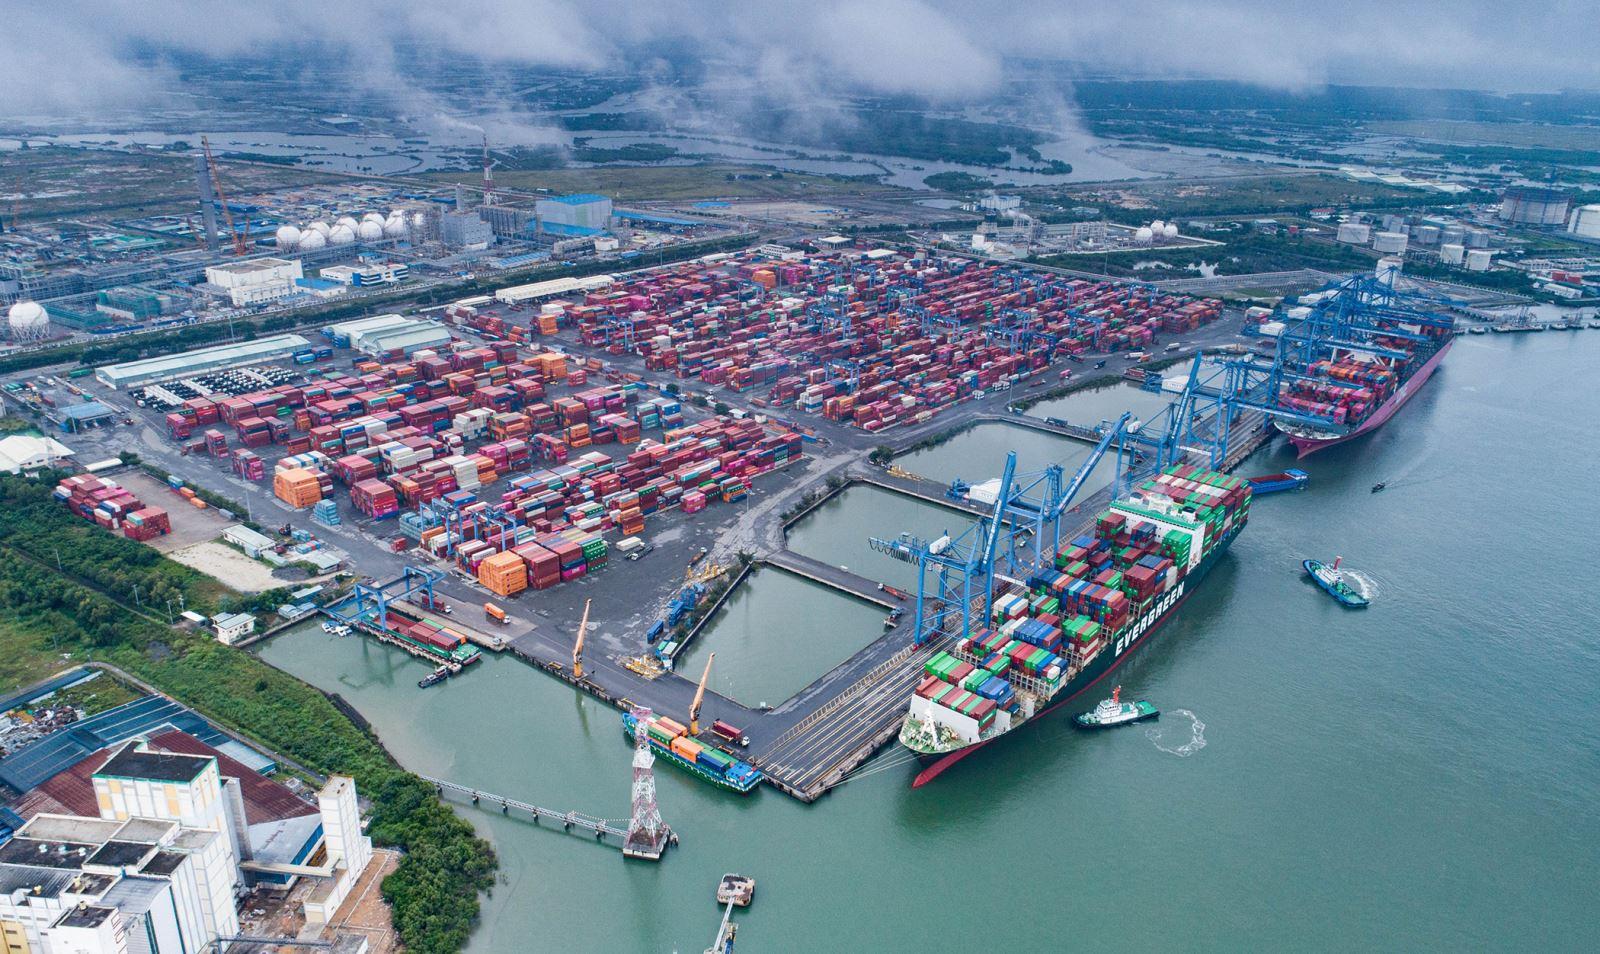 Kim ngạch thương mại giữa Việt Nam và ASEAN trong 8 tháng đầu năm tăng tới 35,2% so với cùng kỳ. (Ảnh minh họa)